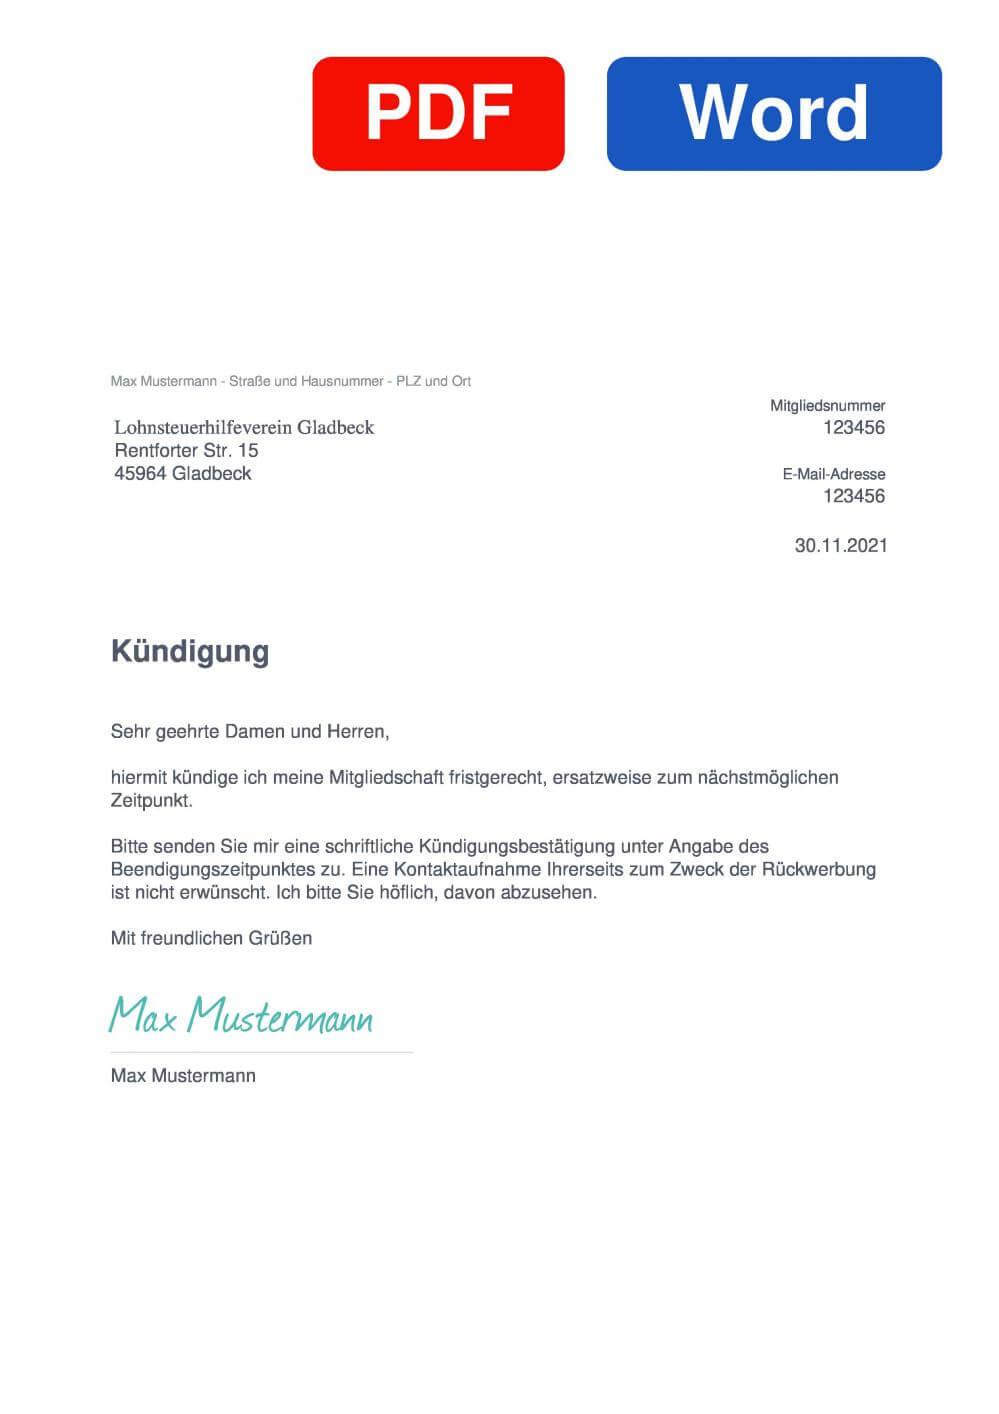 Lohnsteuerhilfeverein Gladbeck Muster Vorlage für Kündigungsschreiben